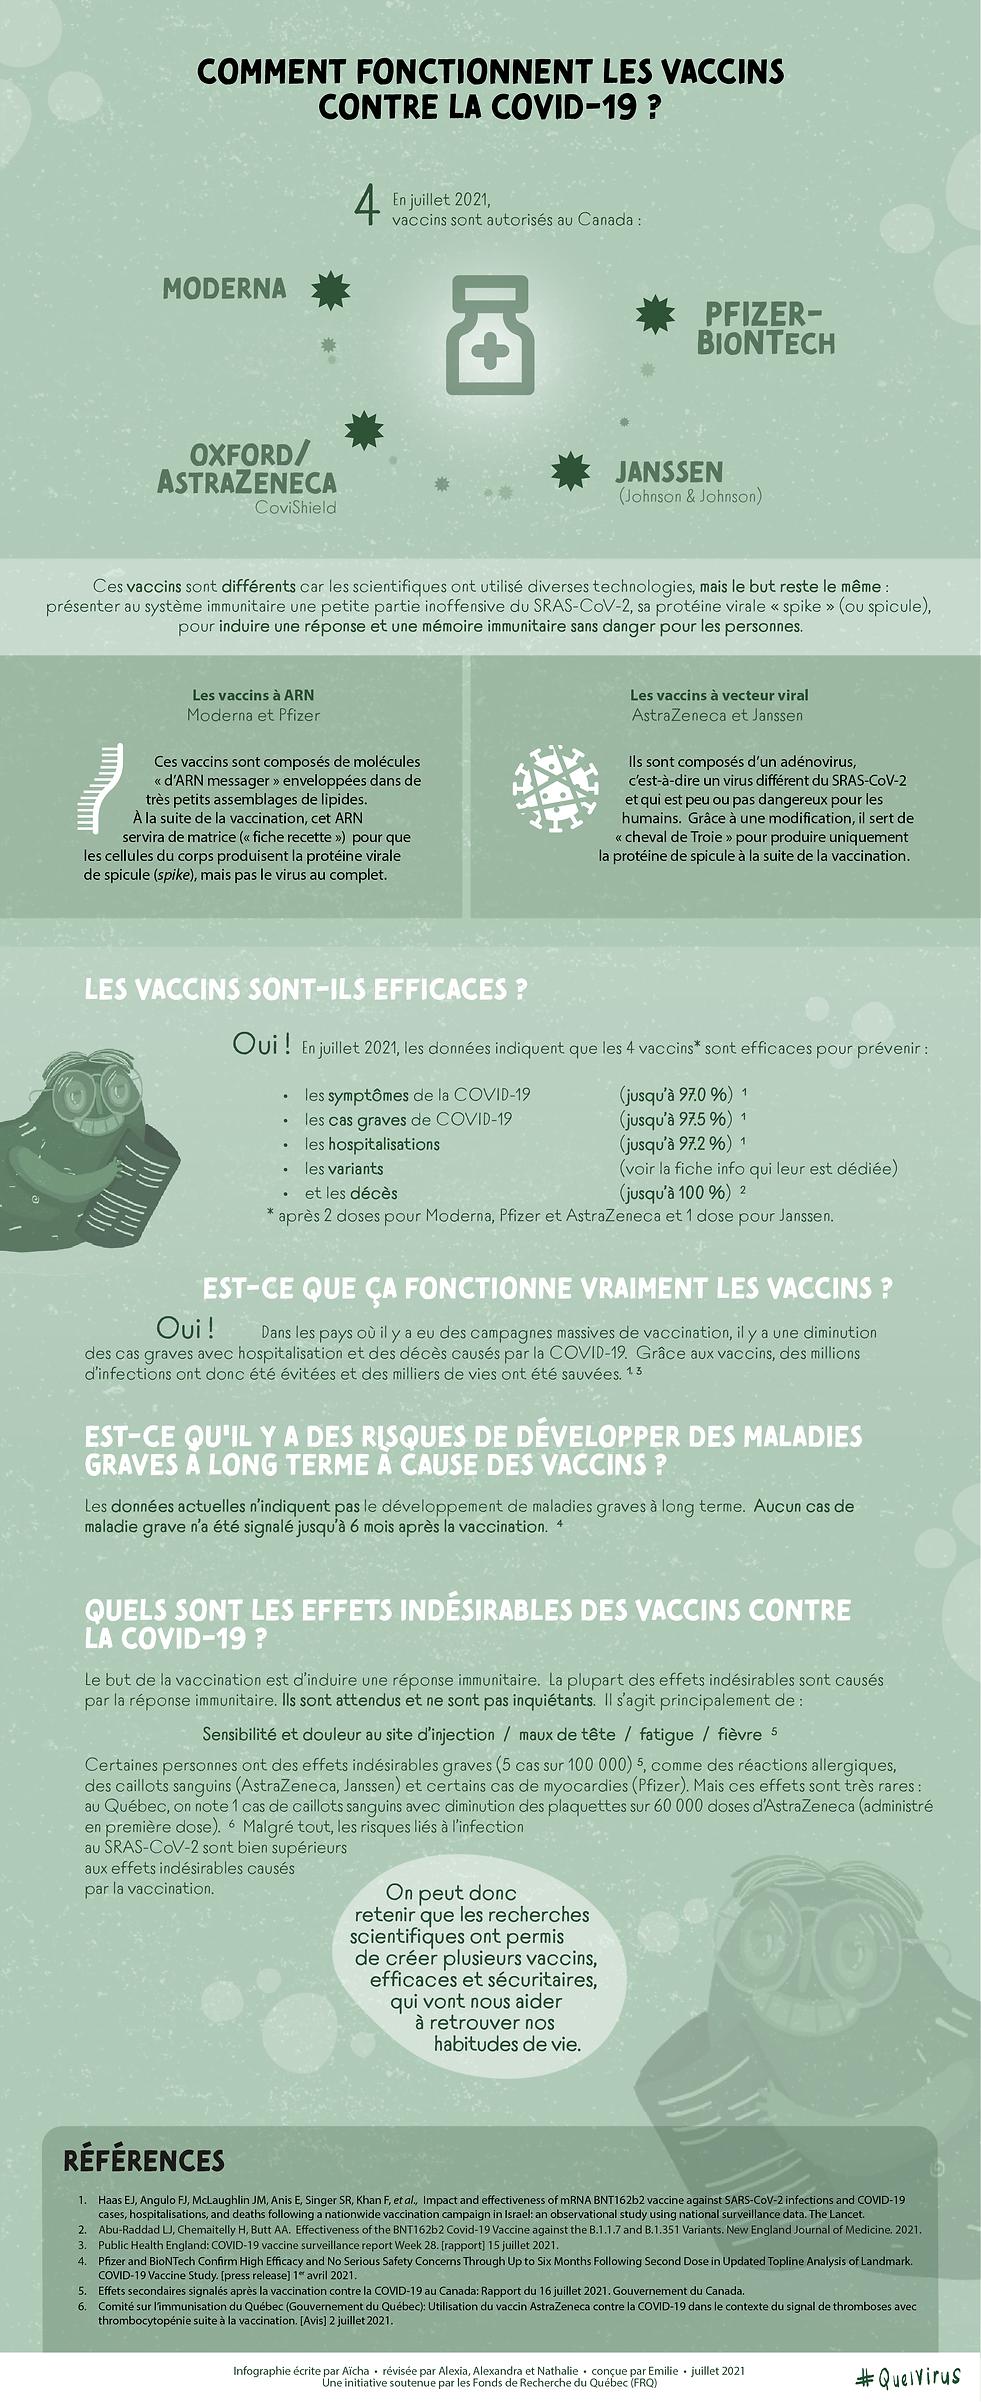 Fiche-info sur le fonctionnement des vaccins contre la COVID-19.